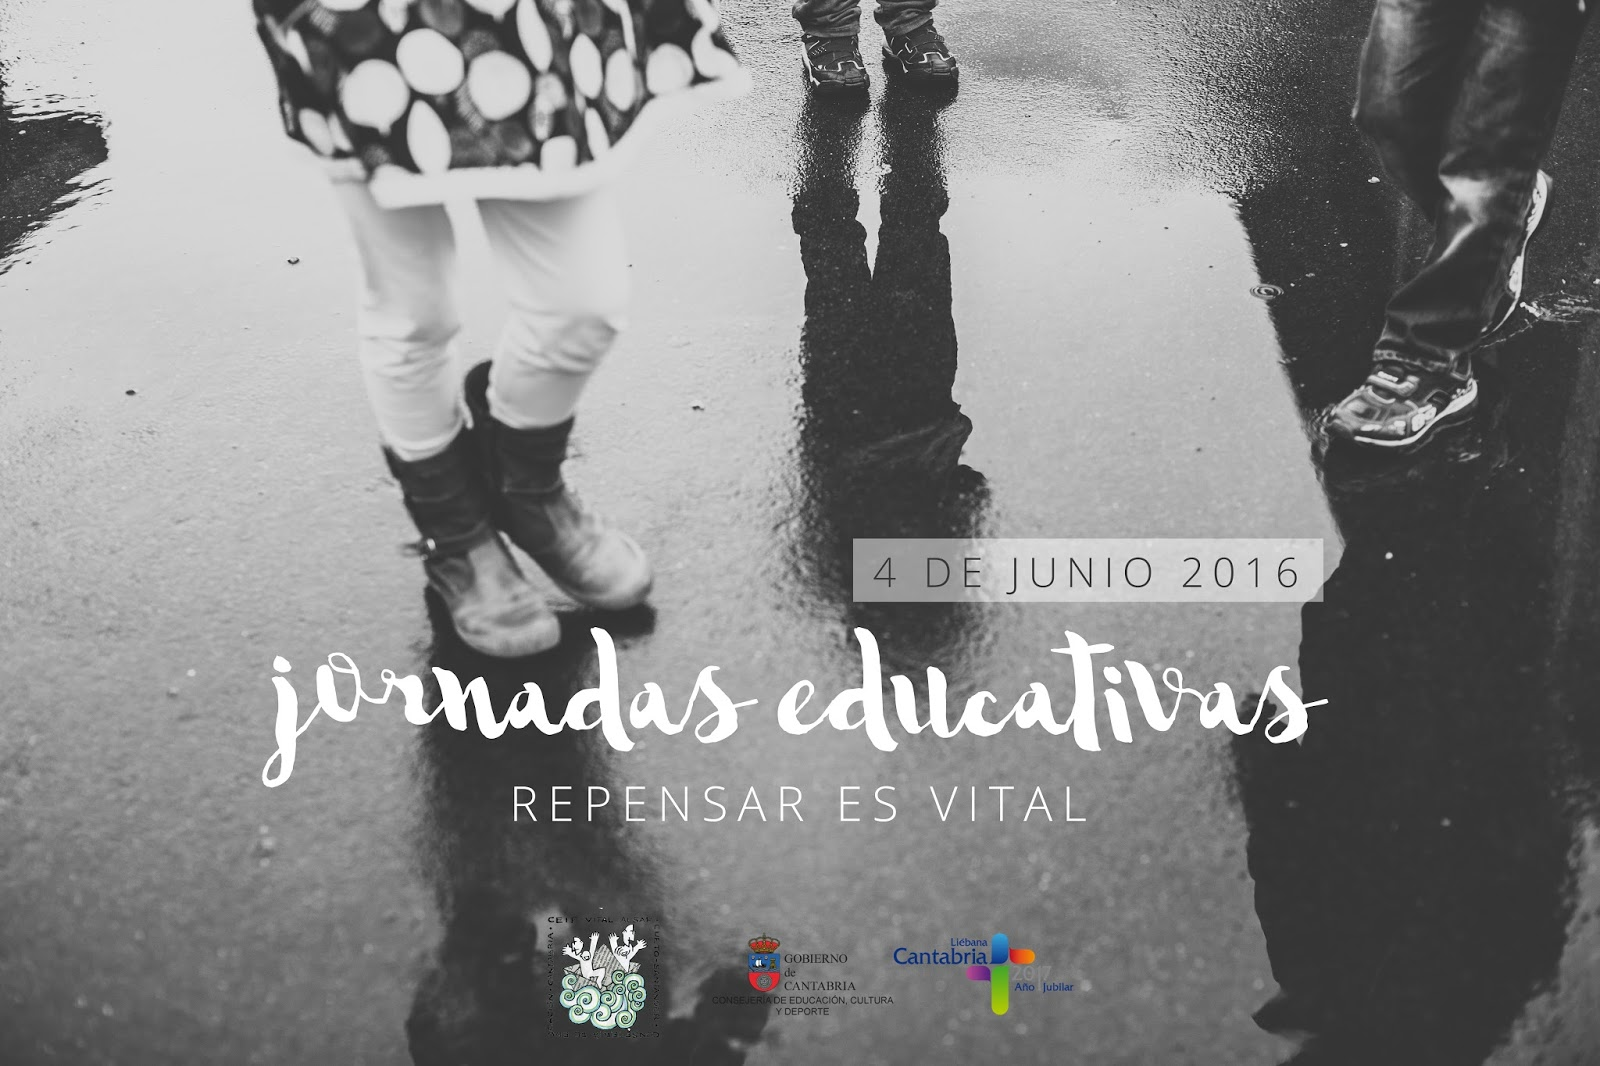 Jornadas educativas en el Colegio Público Vital Alsar.